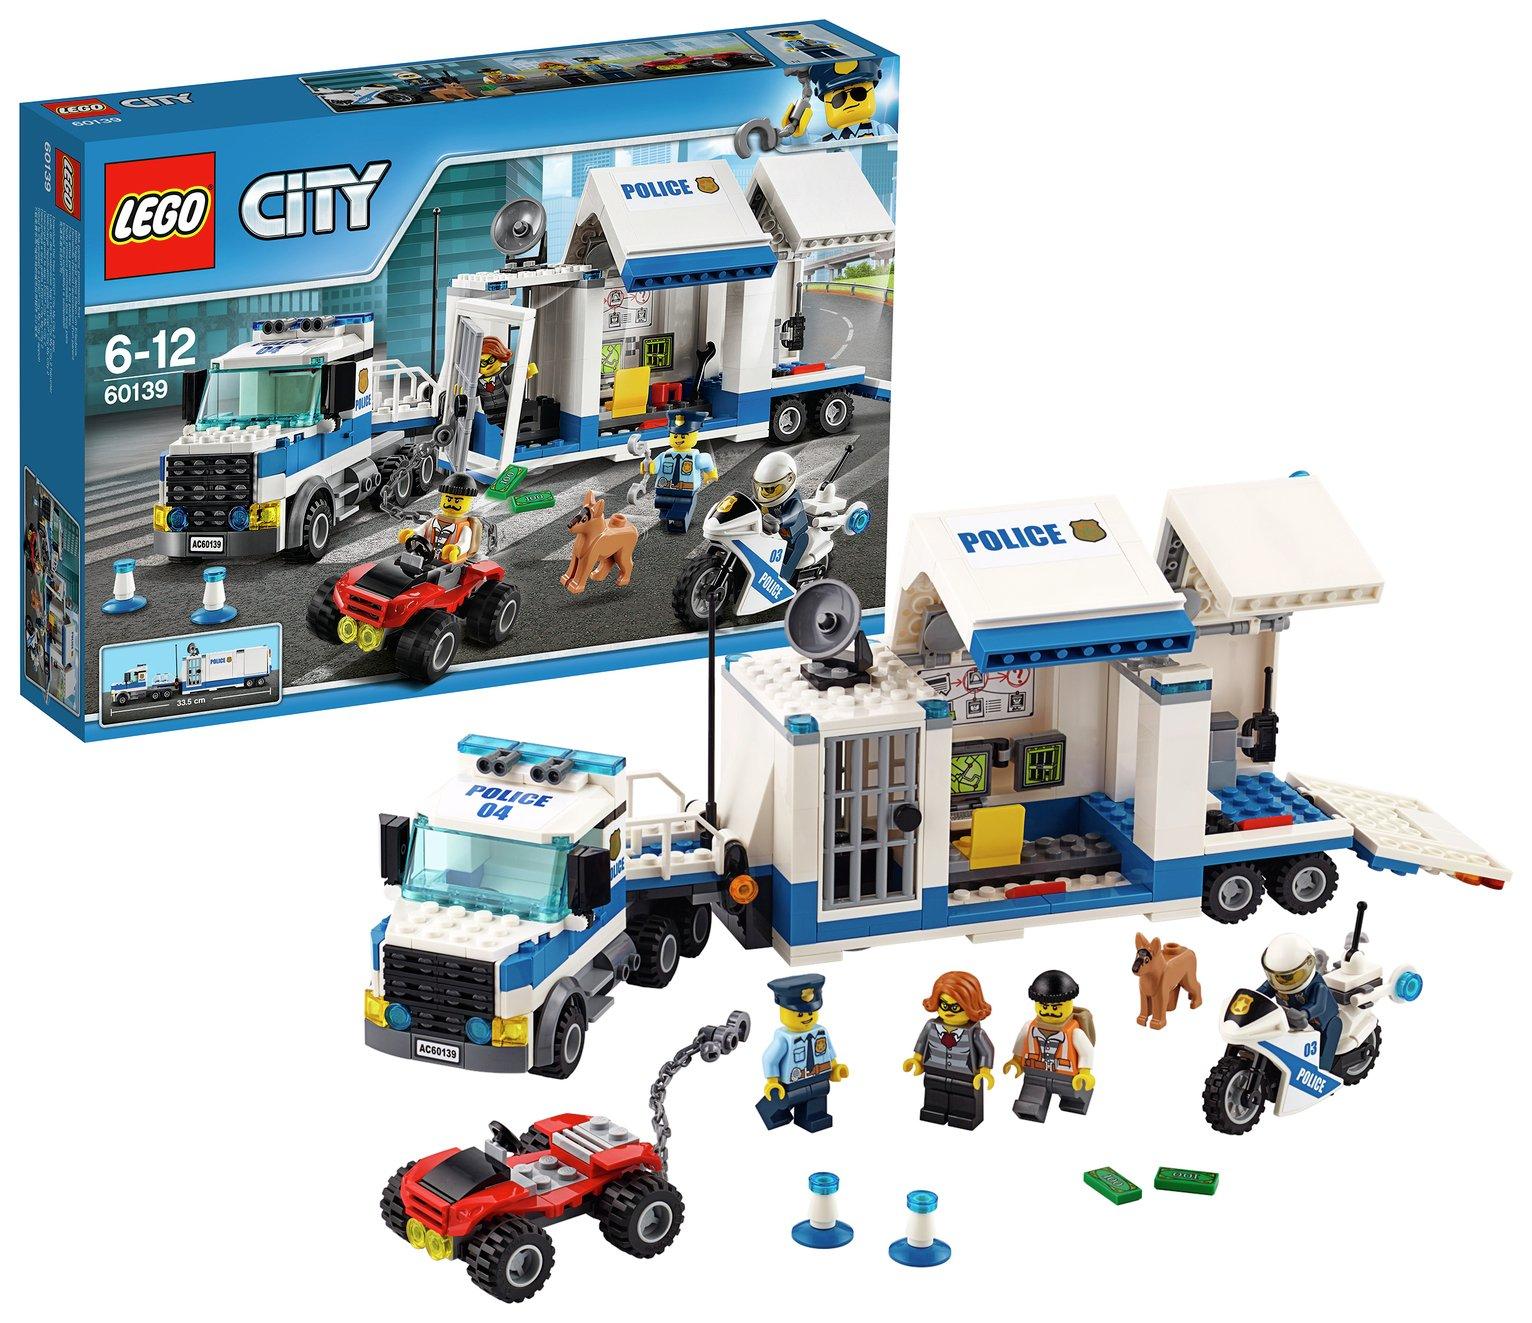 Buy LEGO City Mobile Command Centre - 60139   LEGO   Argos